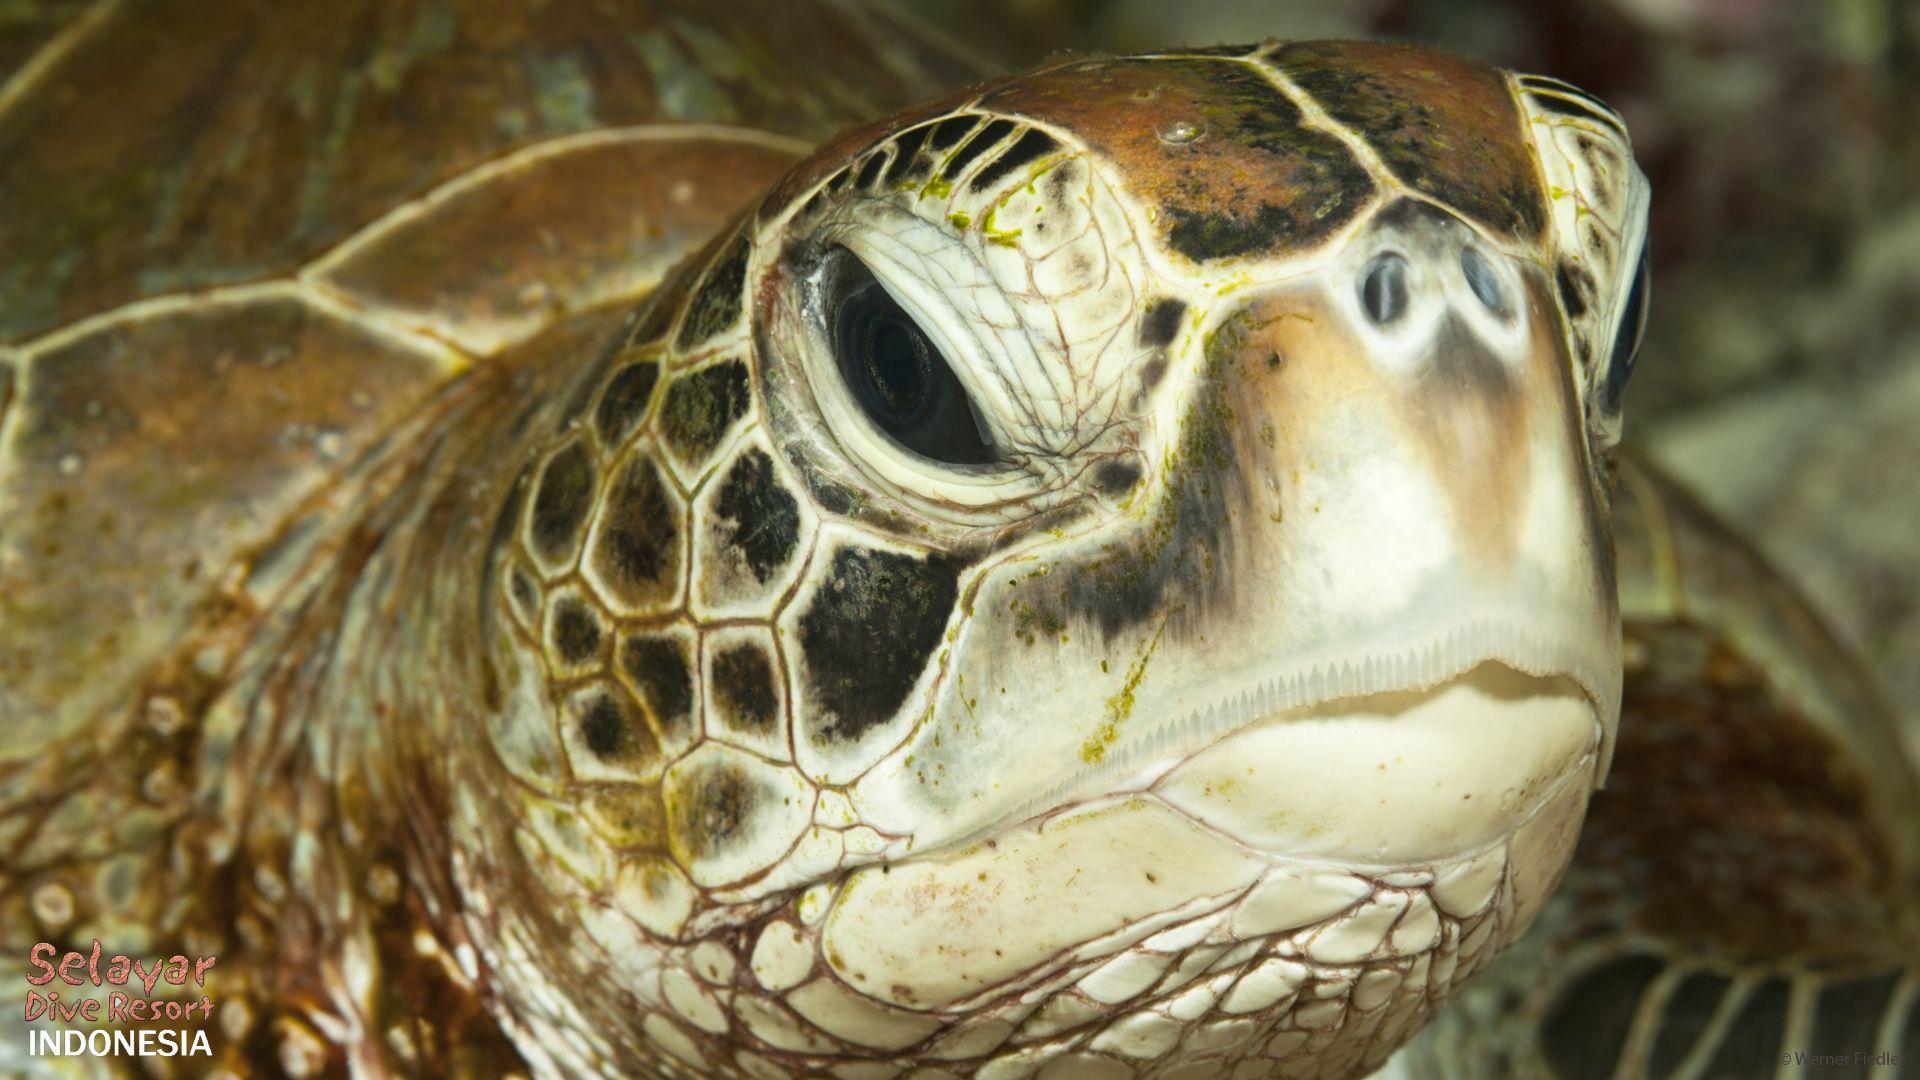 Chelonia mydas Grüne Schildkröte Bandasee, Insel Selayar, Südsulawesi, Indonesien